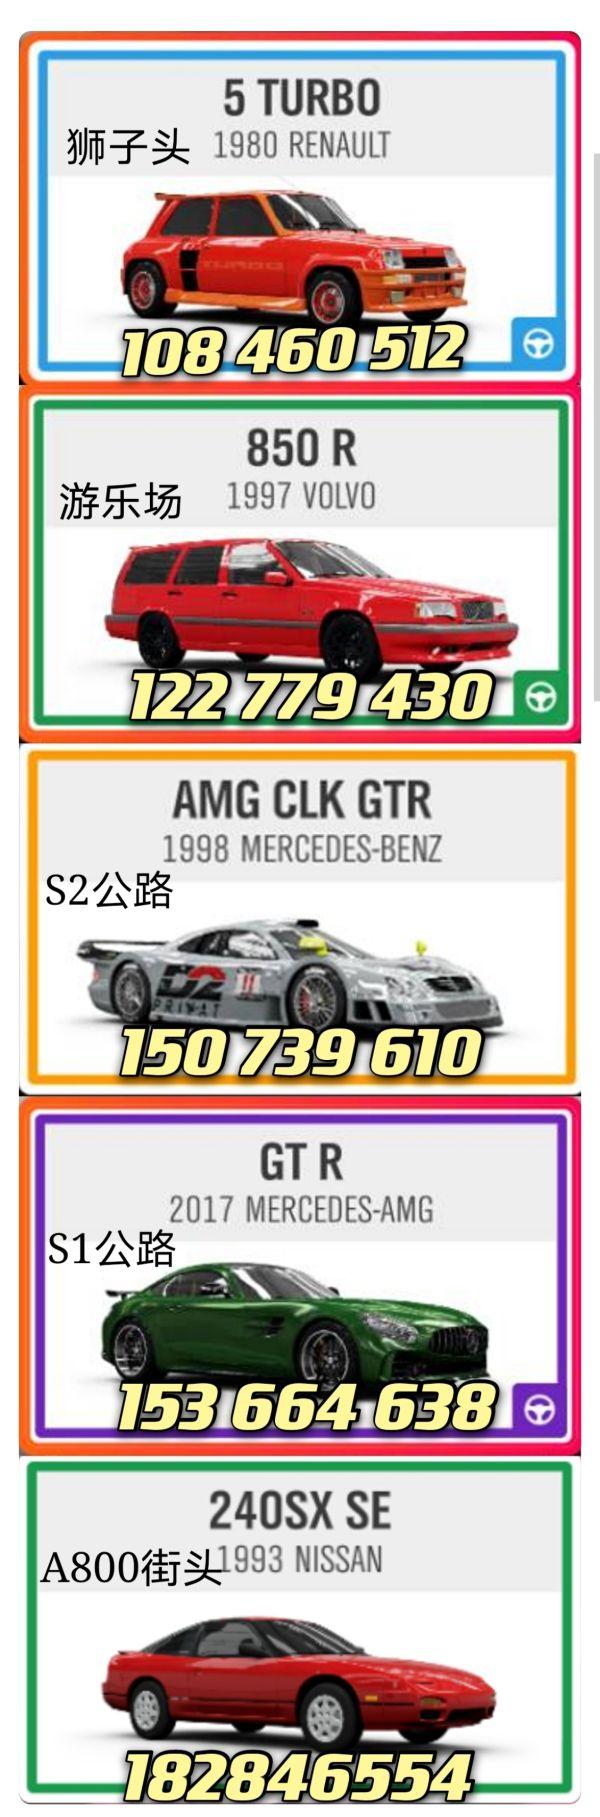 《极限竞速地平线4》S33秋季赛简明赛车推荐 S33秋季赛赛车调校 游戏攻略